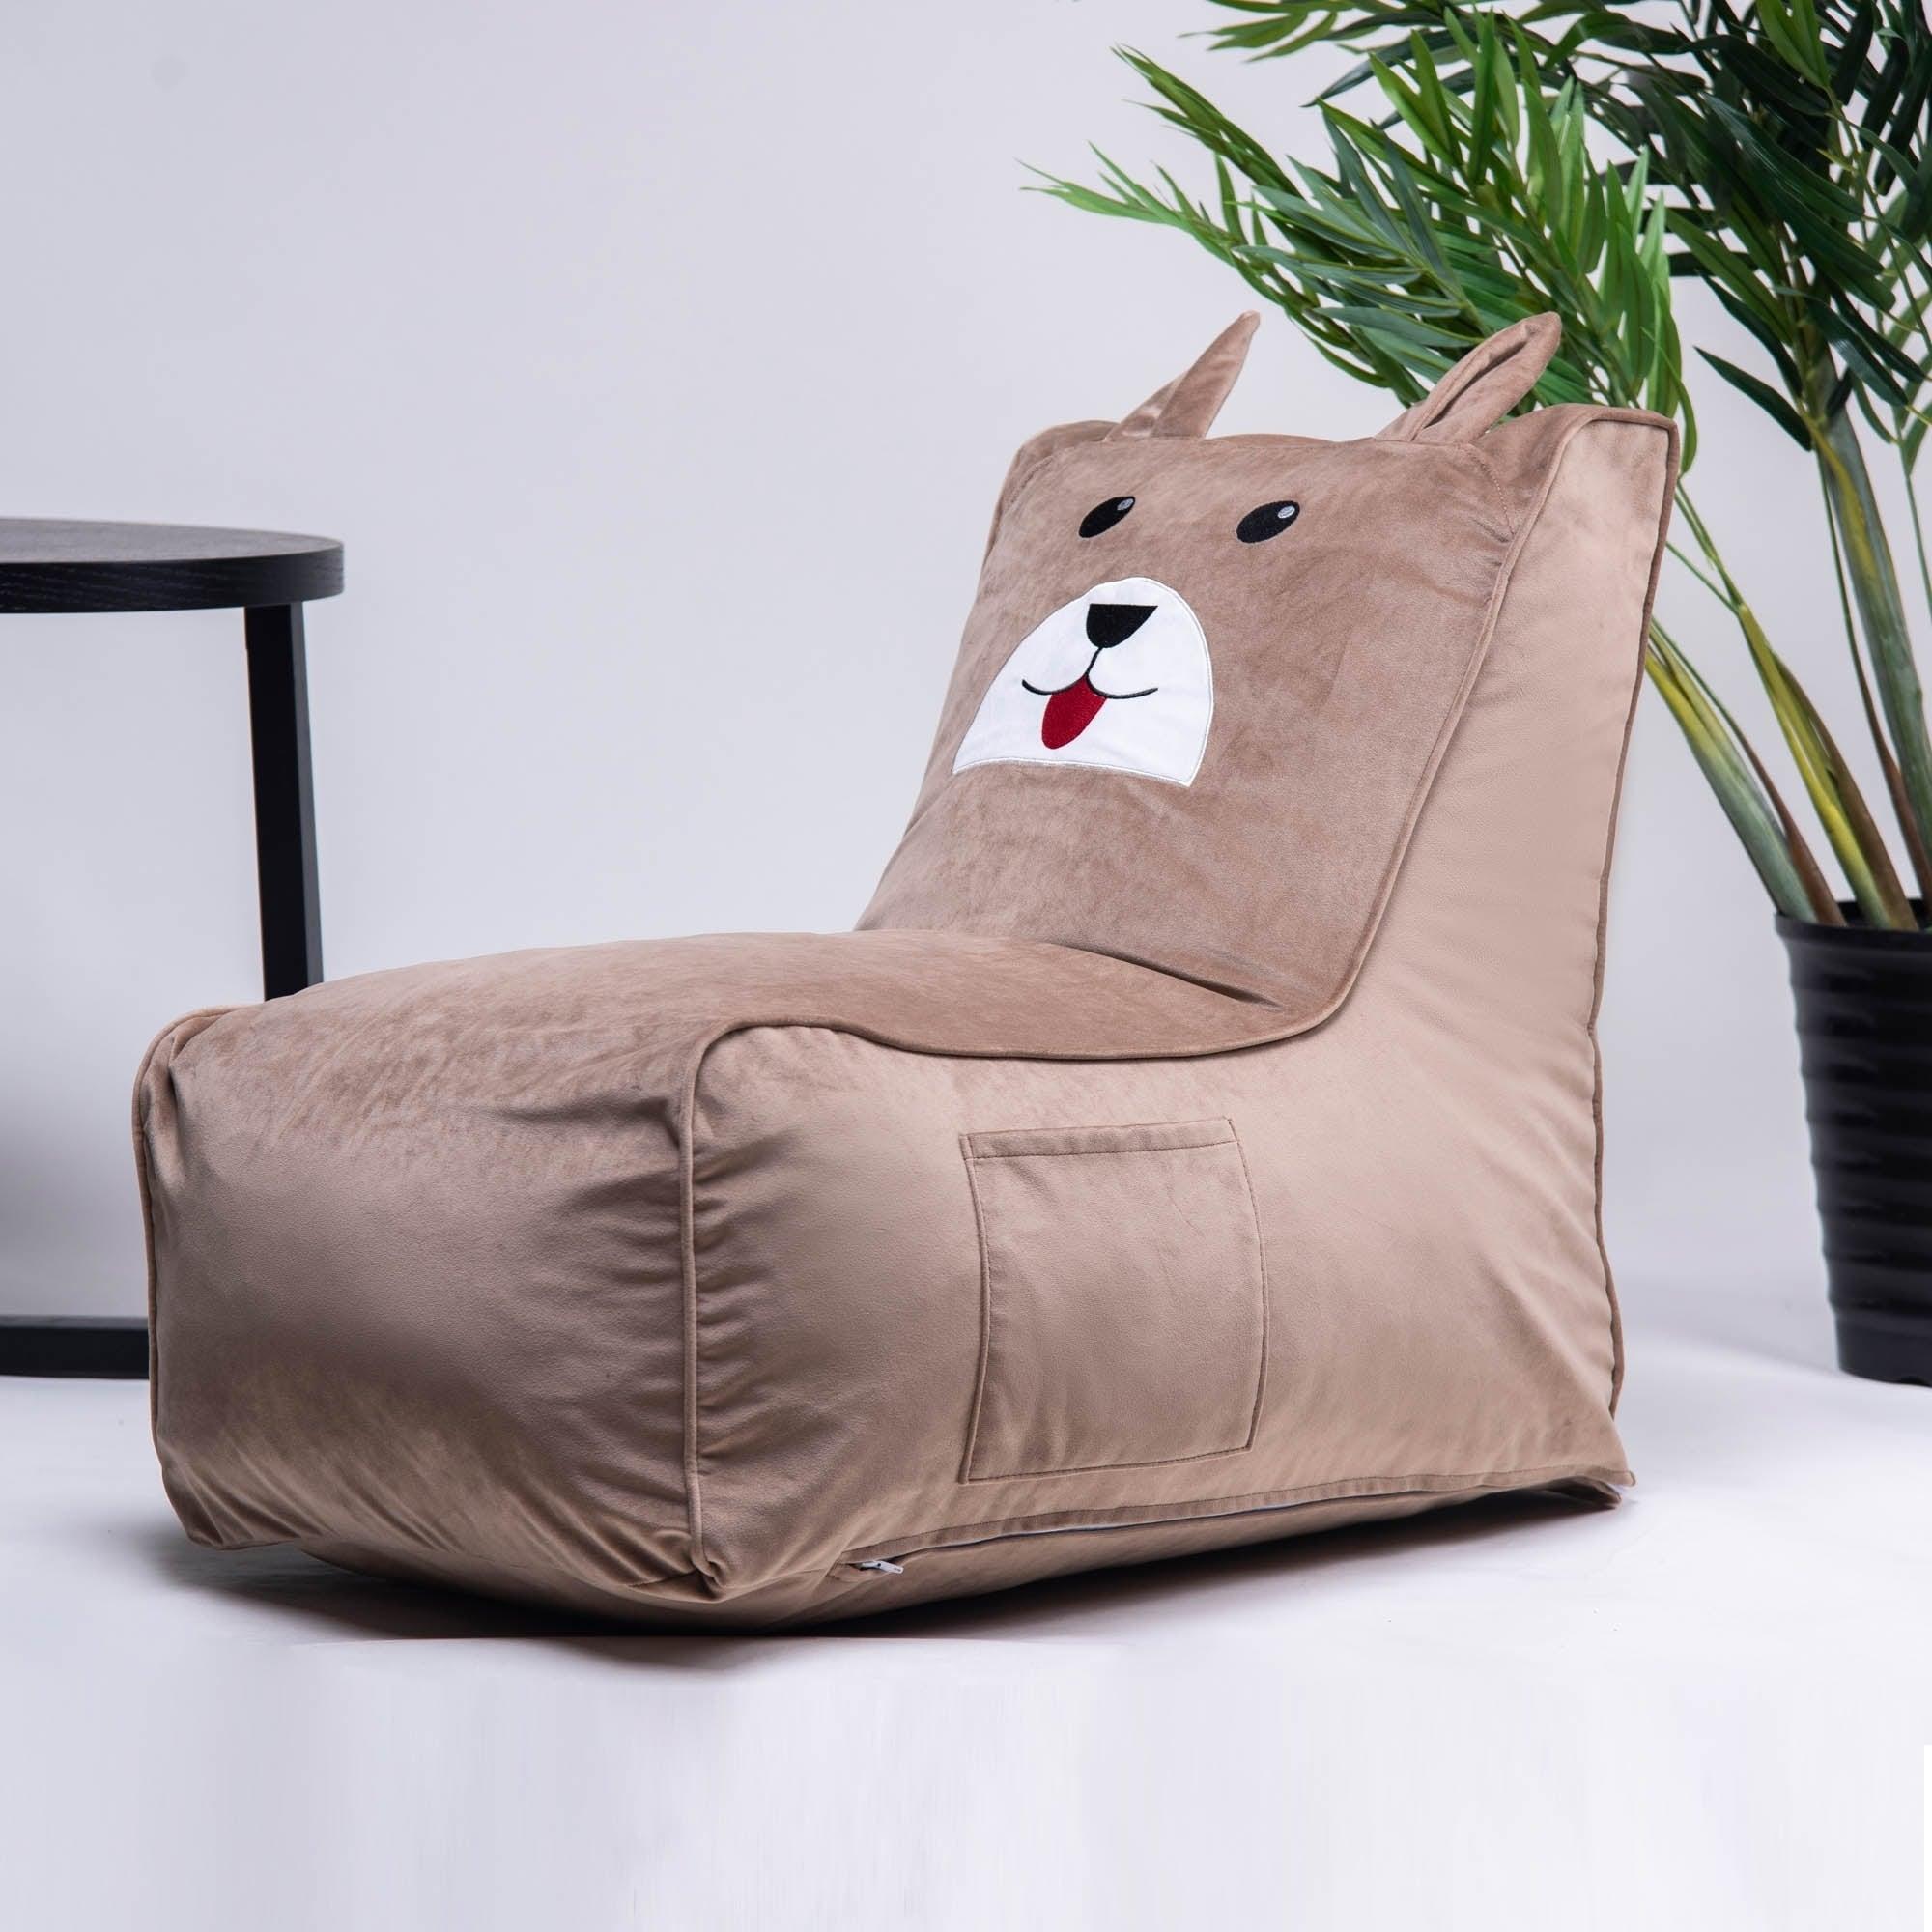 Merax Cute Animal Memory Foam Bag Chair For Kids